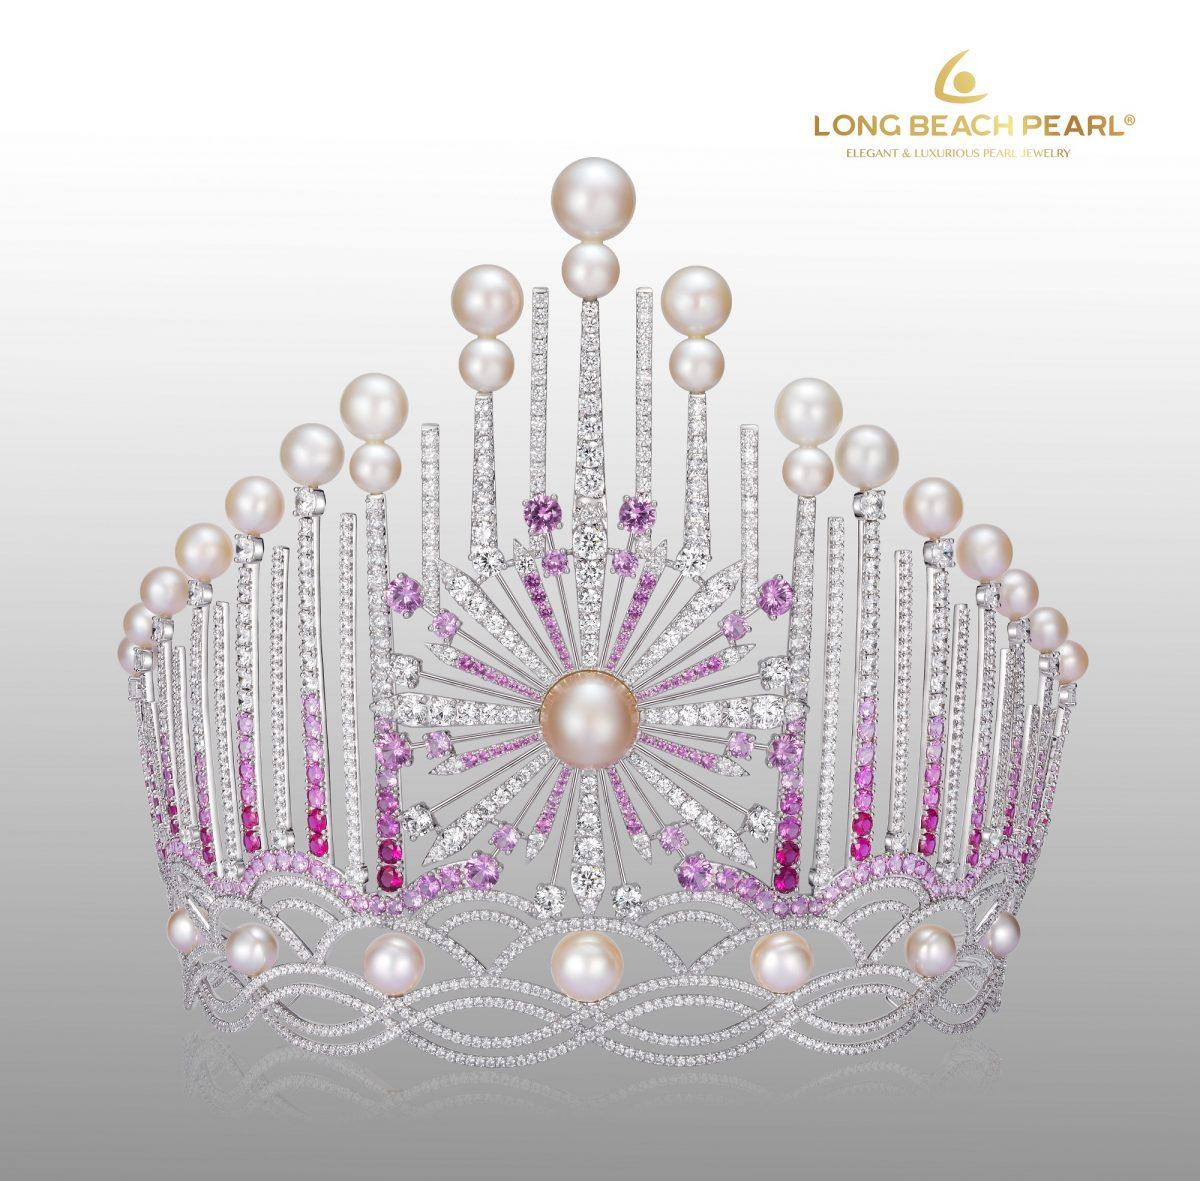 Lộ diện vẻ đẹp lộng lẫy của chiếc vương miện HHVN 2018 được chế tác từ Long Beach Pearl